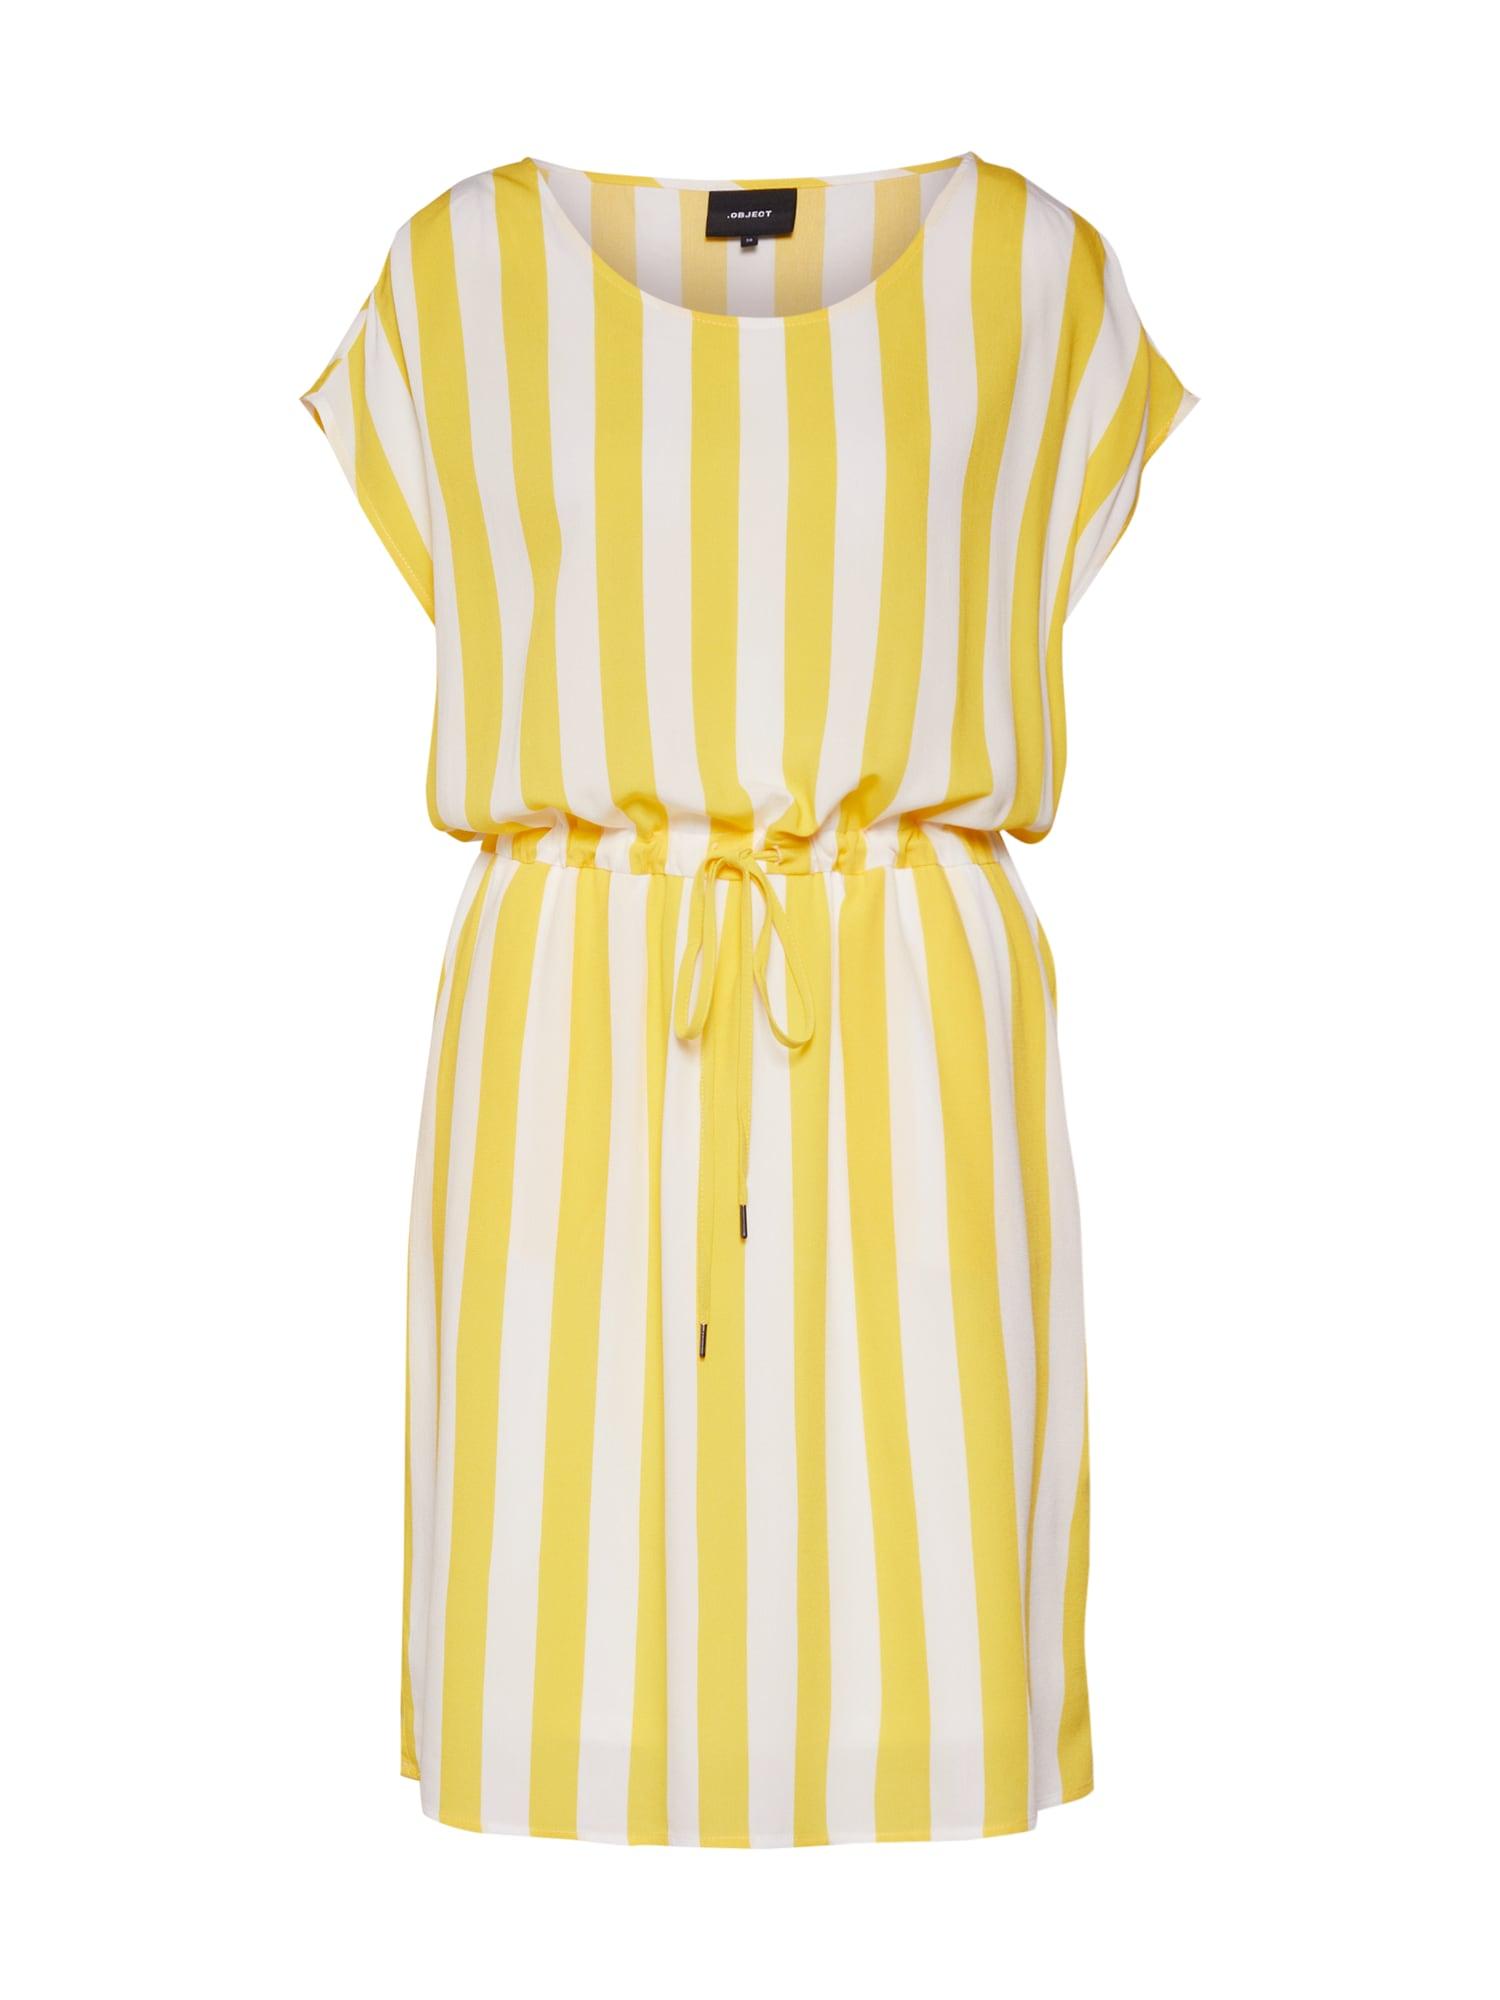 Letní šaty Bay Dallas žlutá bílá OBJECT